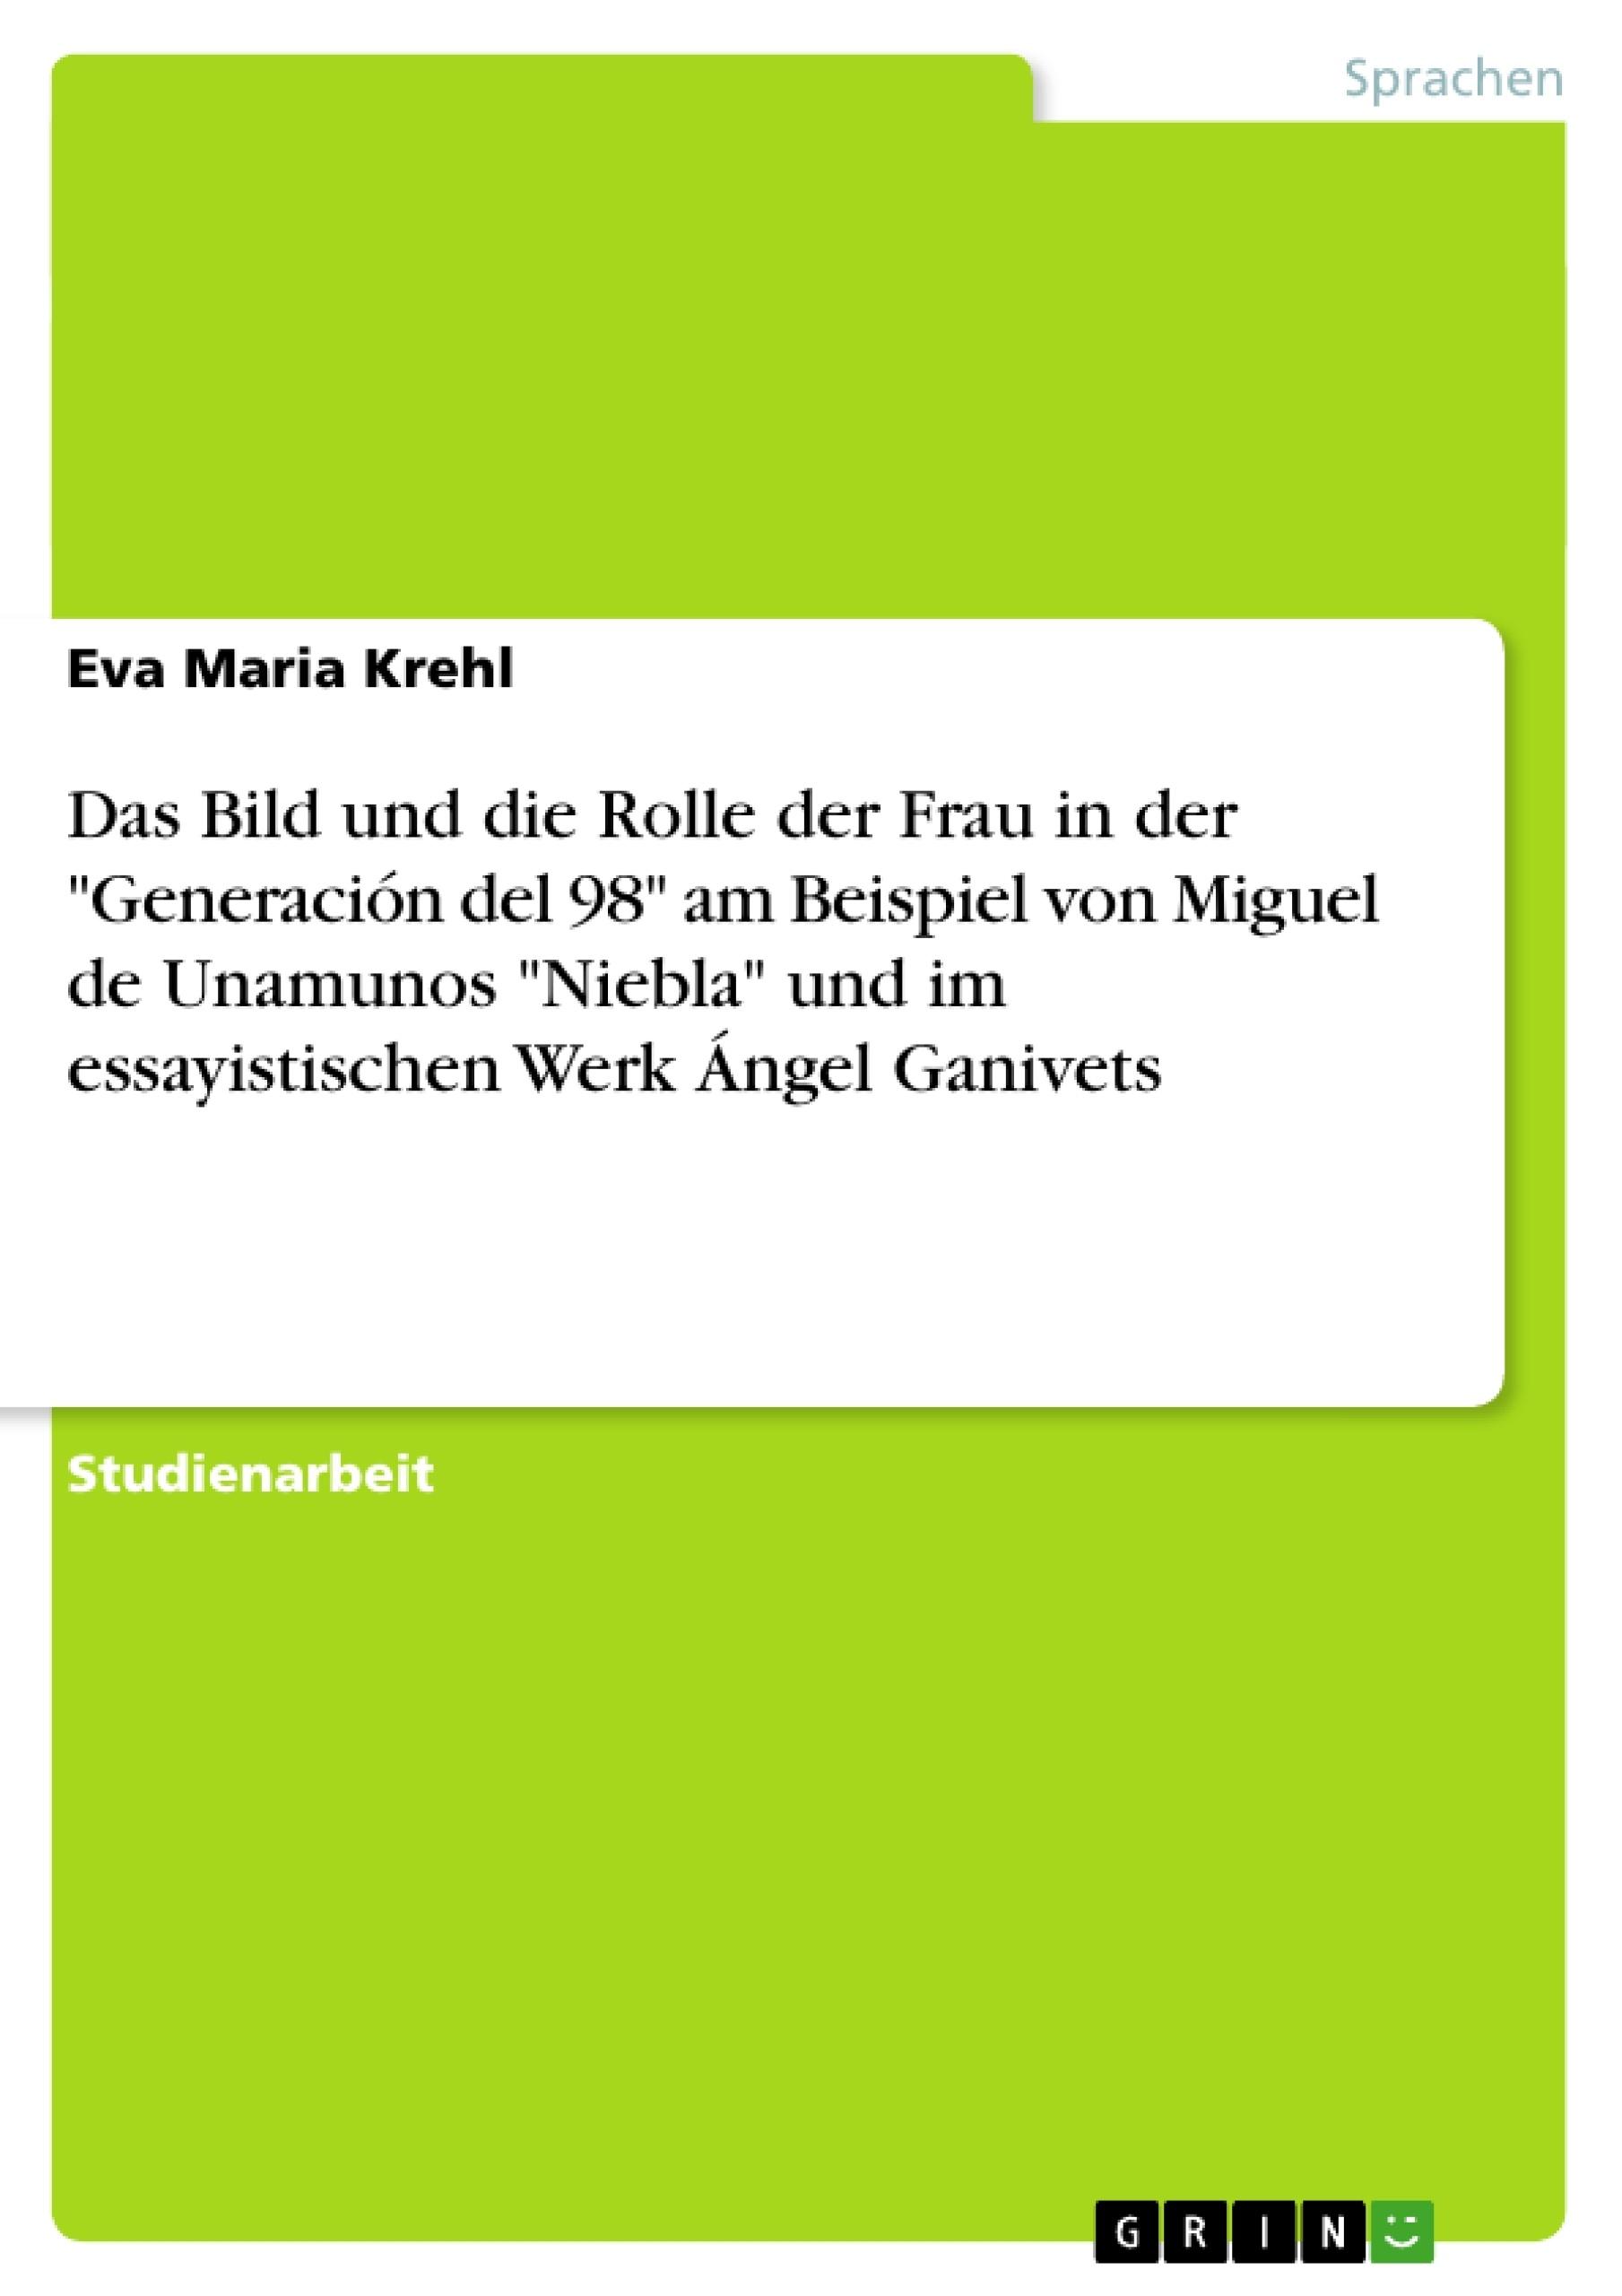 """Titel: Das Bild und die Rolle der Frau in der """"Generación del 98"""" am Beispiel von Miguel de Unamunos """"Niebla"""" und im essayistischen Werk Ángel Ganivets"""